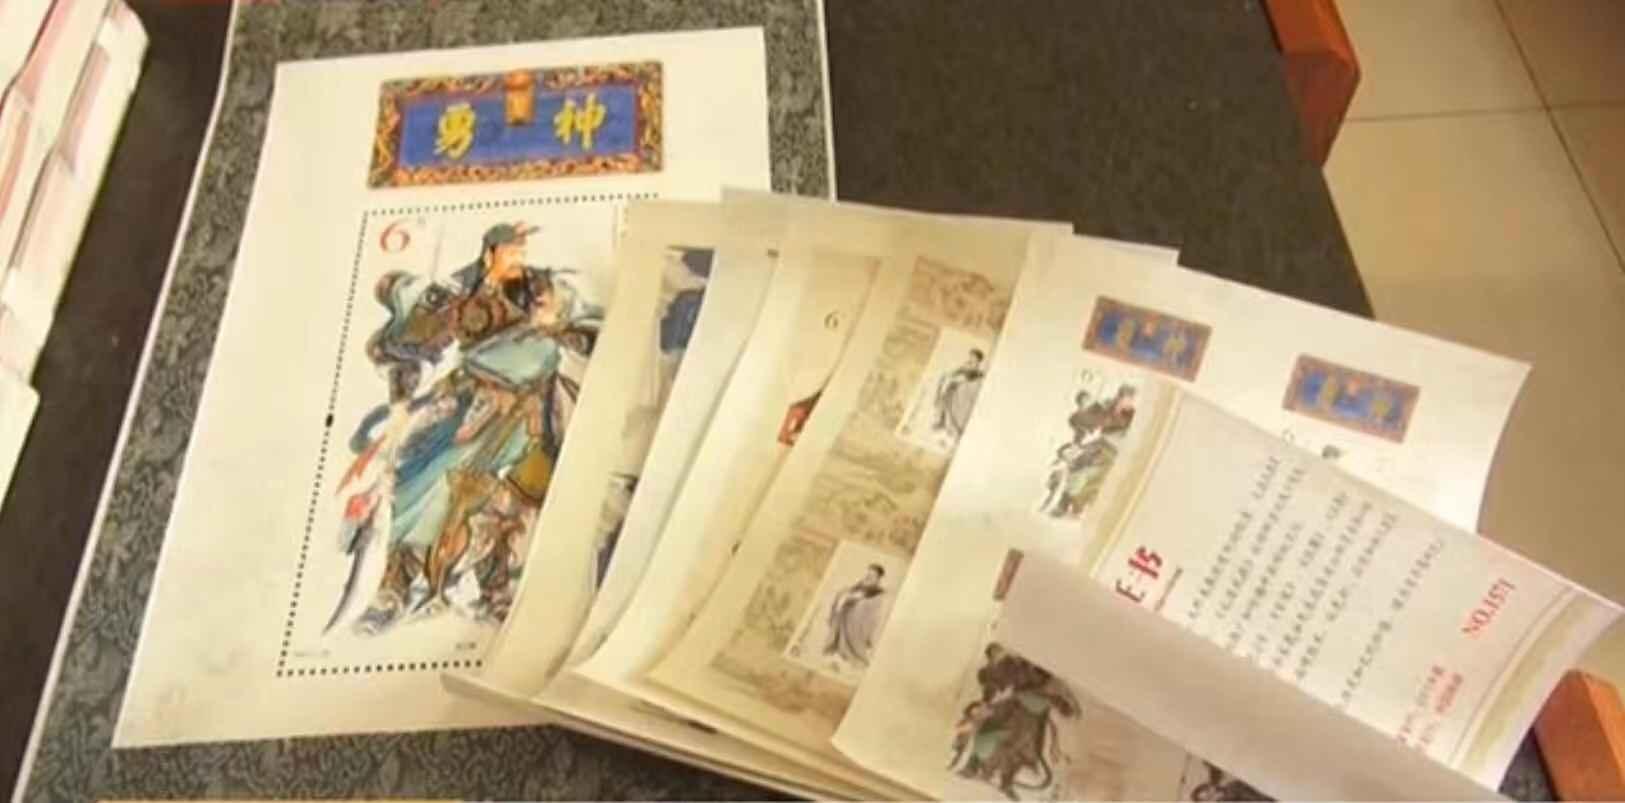 <b>艺邮天诚文化公司售卖40万投资邮票却跑路 买家报警</b>